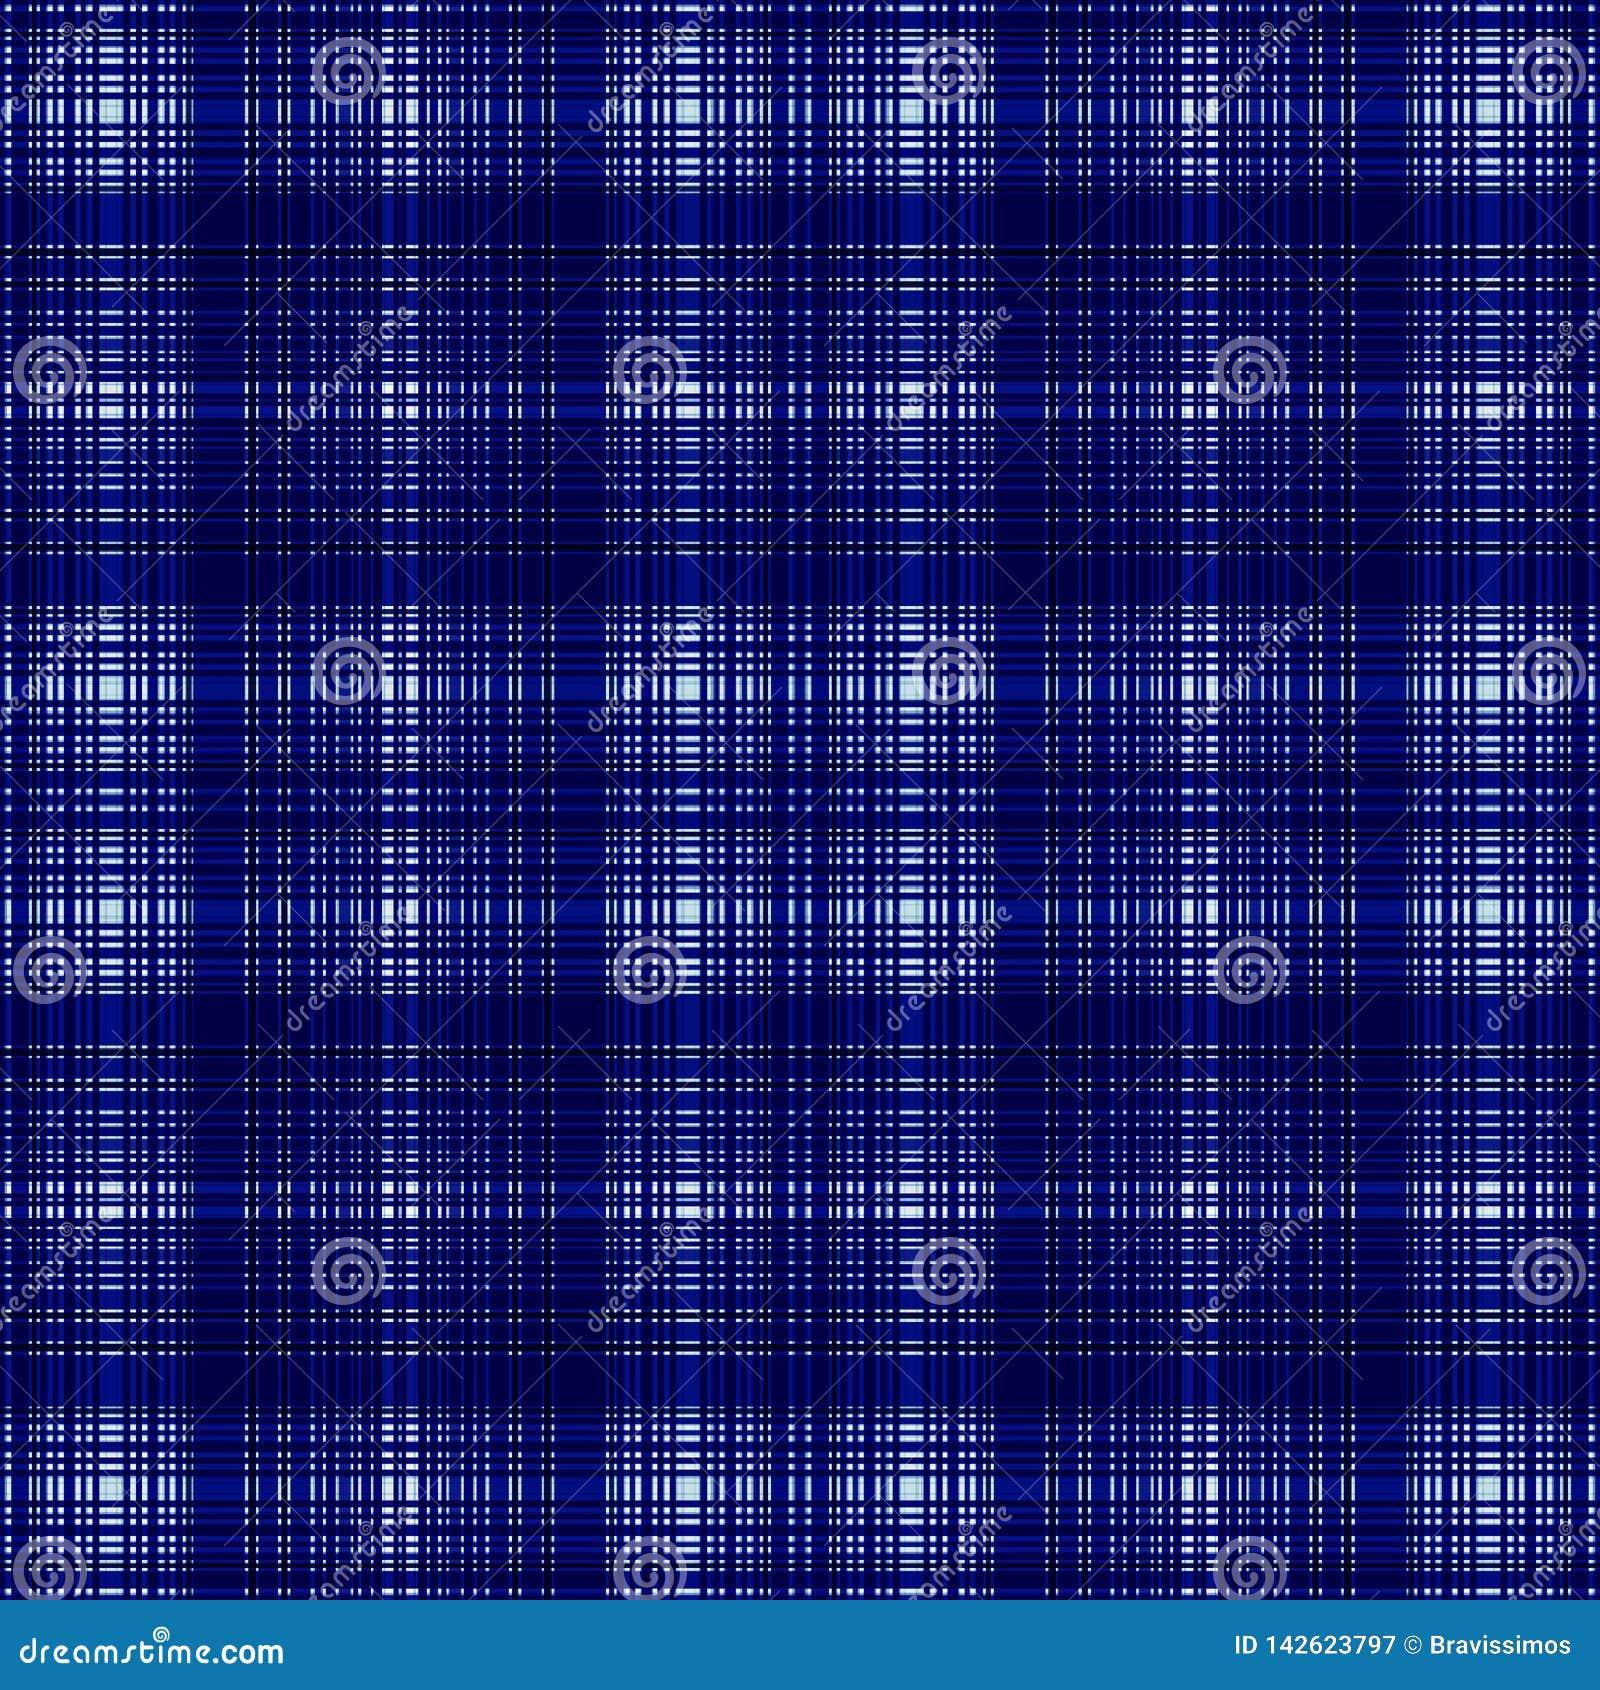 Μοντέρνο τετραγωνικό σχέδιο, ύφασμα λωρίδων καρό γραφικό